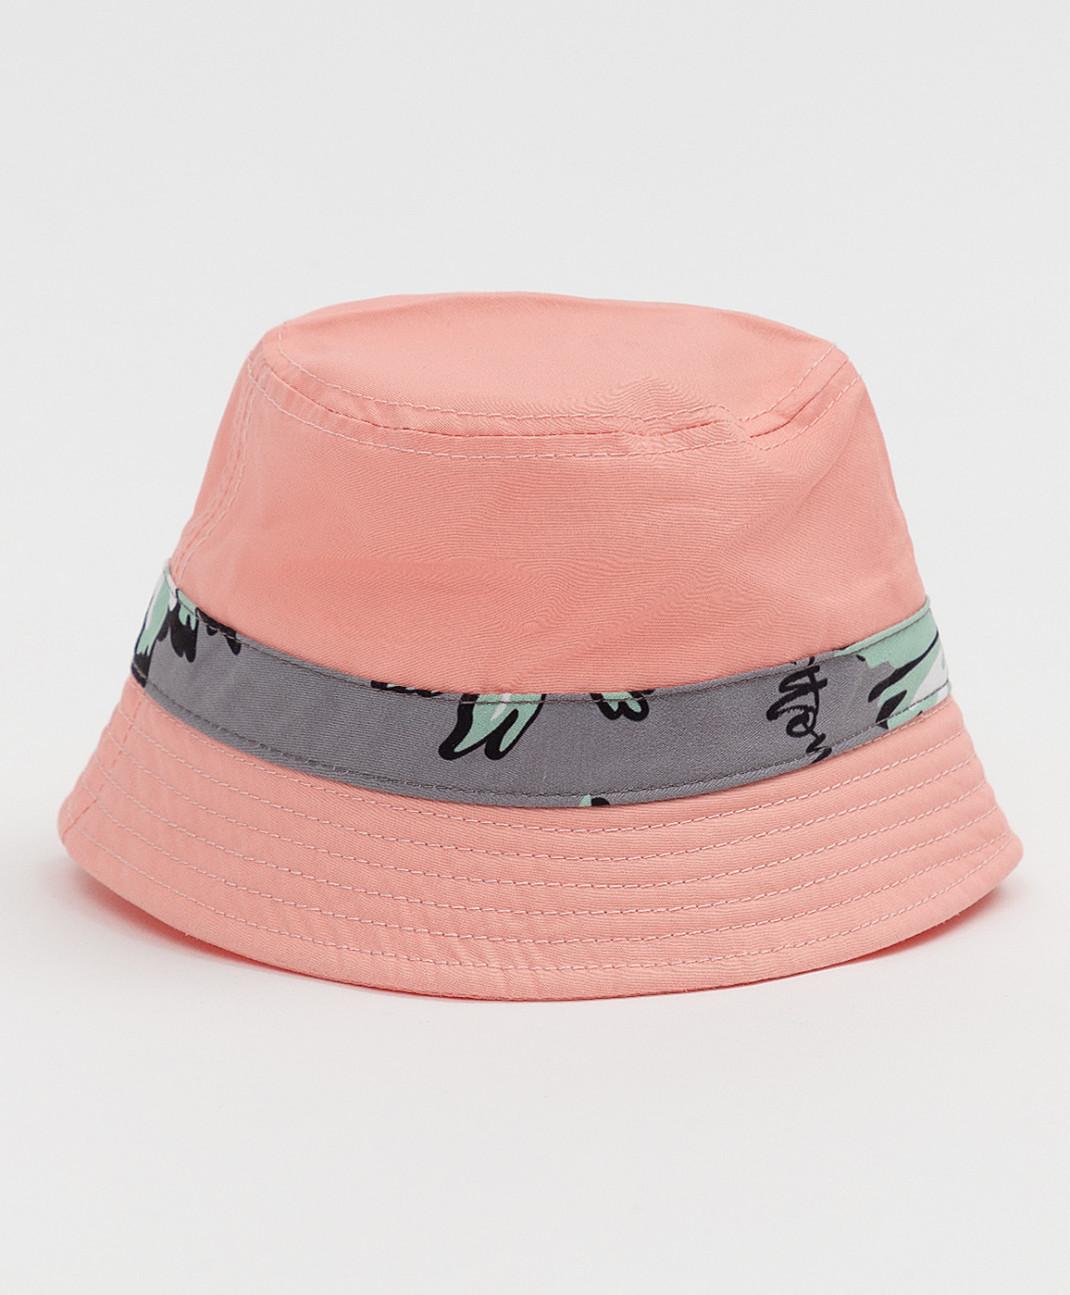 Купить Детская панама Button Blue розовая121BBGMX70011200 размер 50,